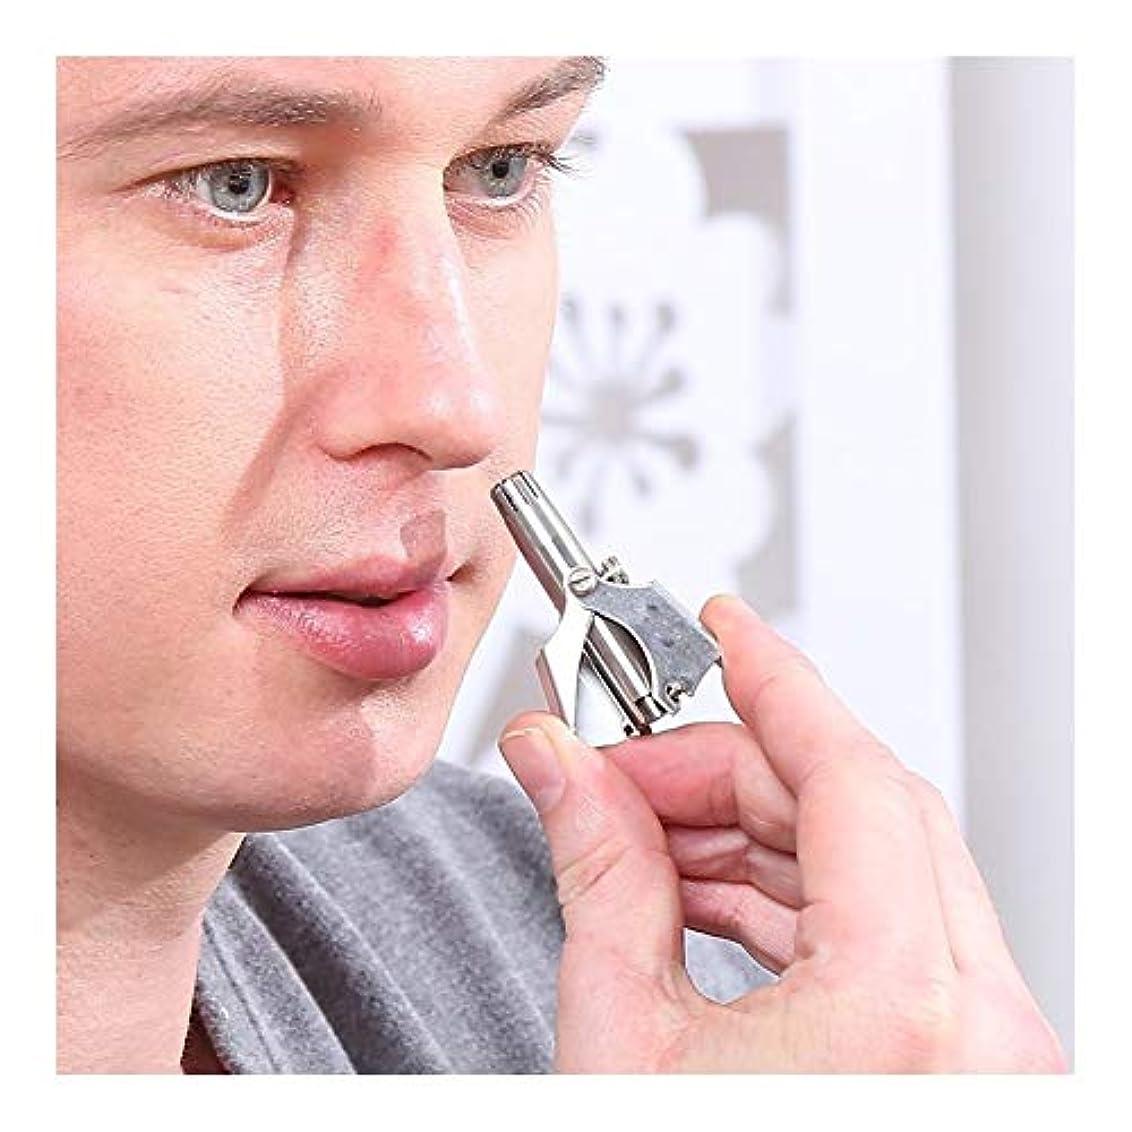 有力者地図みぞれ手動鼻耳毛トリマーステンレス鋼鼻毛リムーバー作品バッテリーなし男性女性